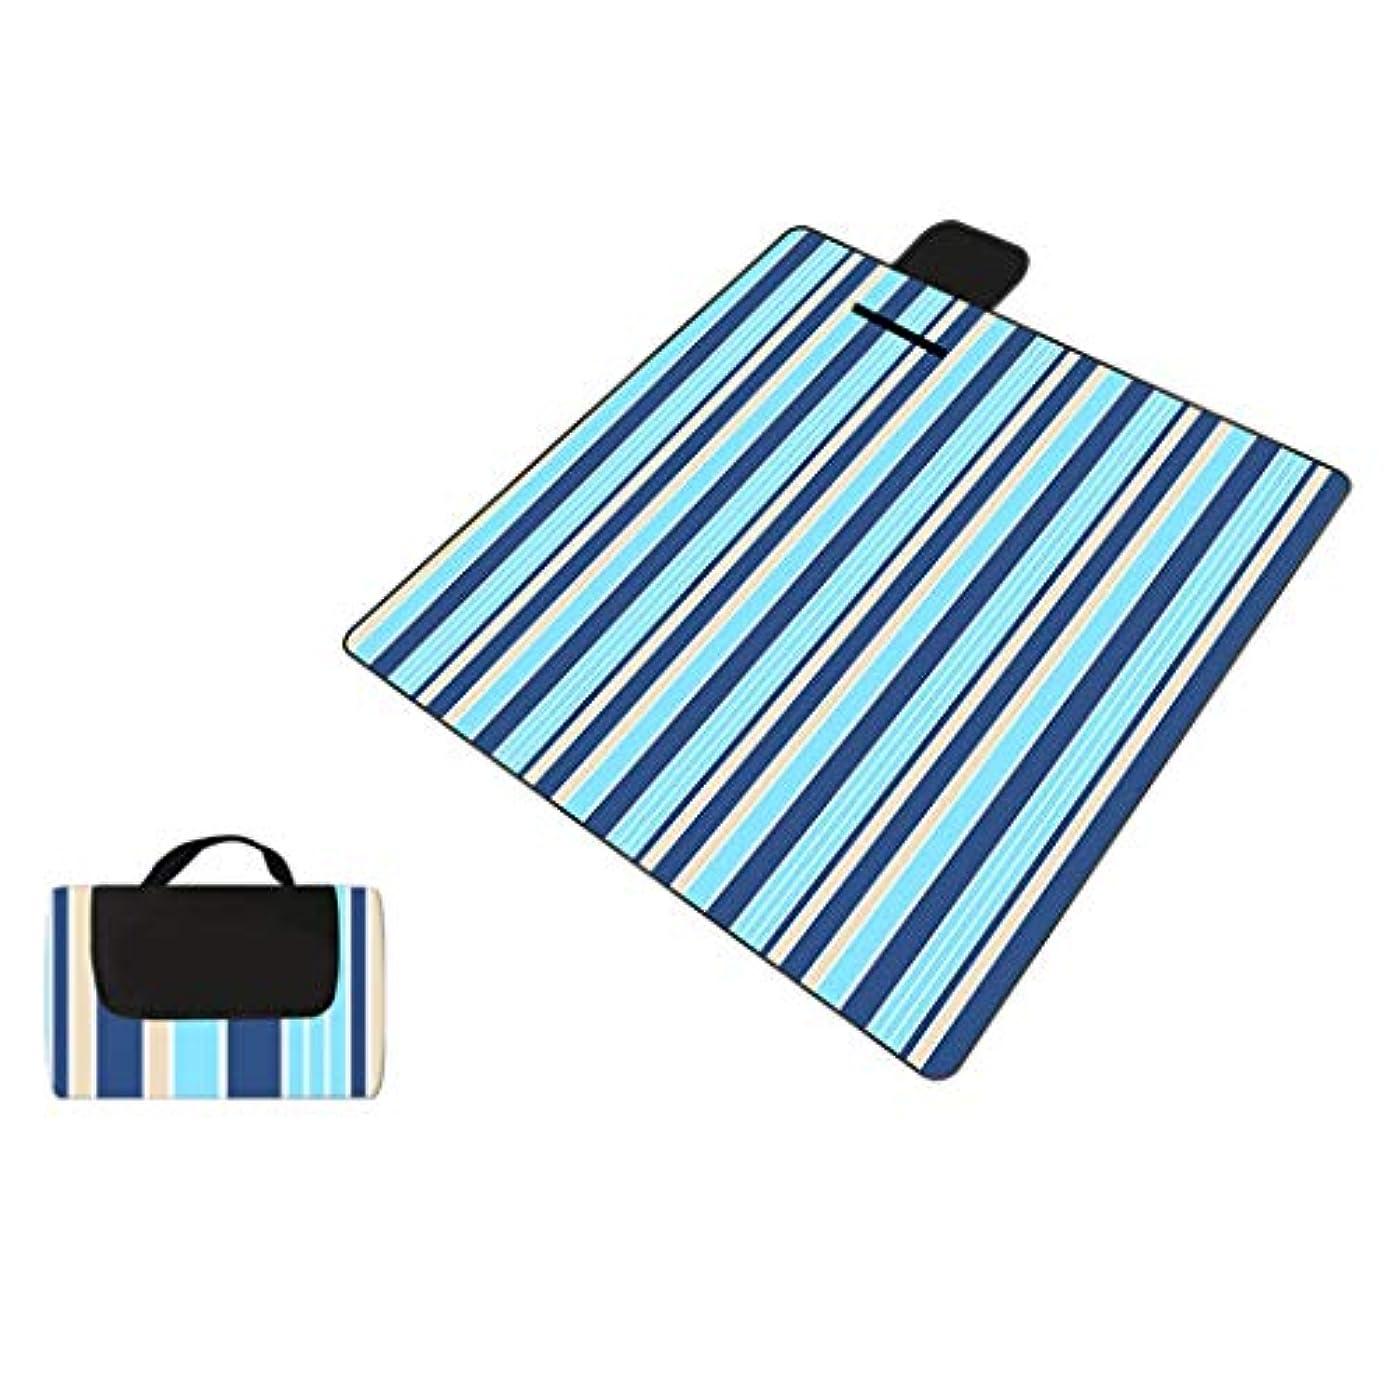 入射接ぎ木そう屋外のカーペットのマット、浜のマット、携帯用ピクニックマット、キャンプのための砂の屋外 (色 : B)